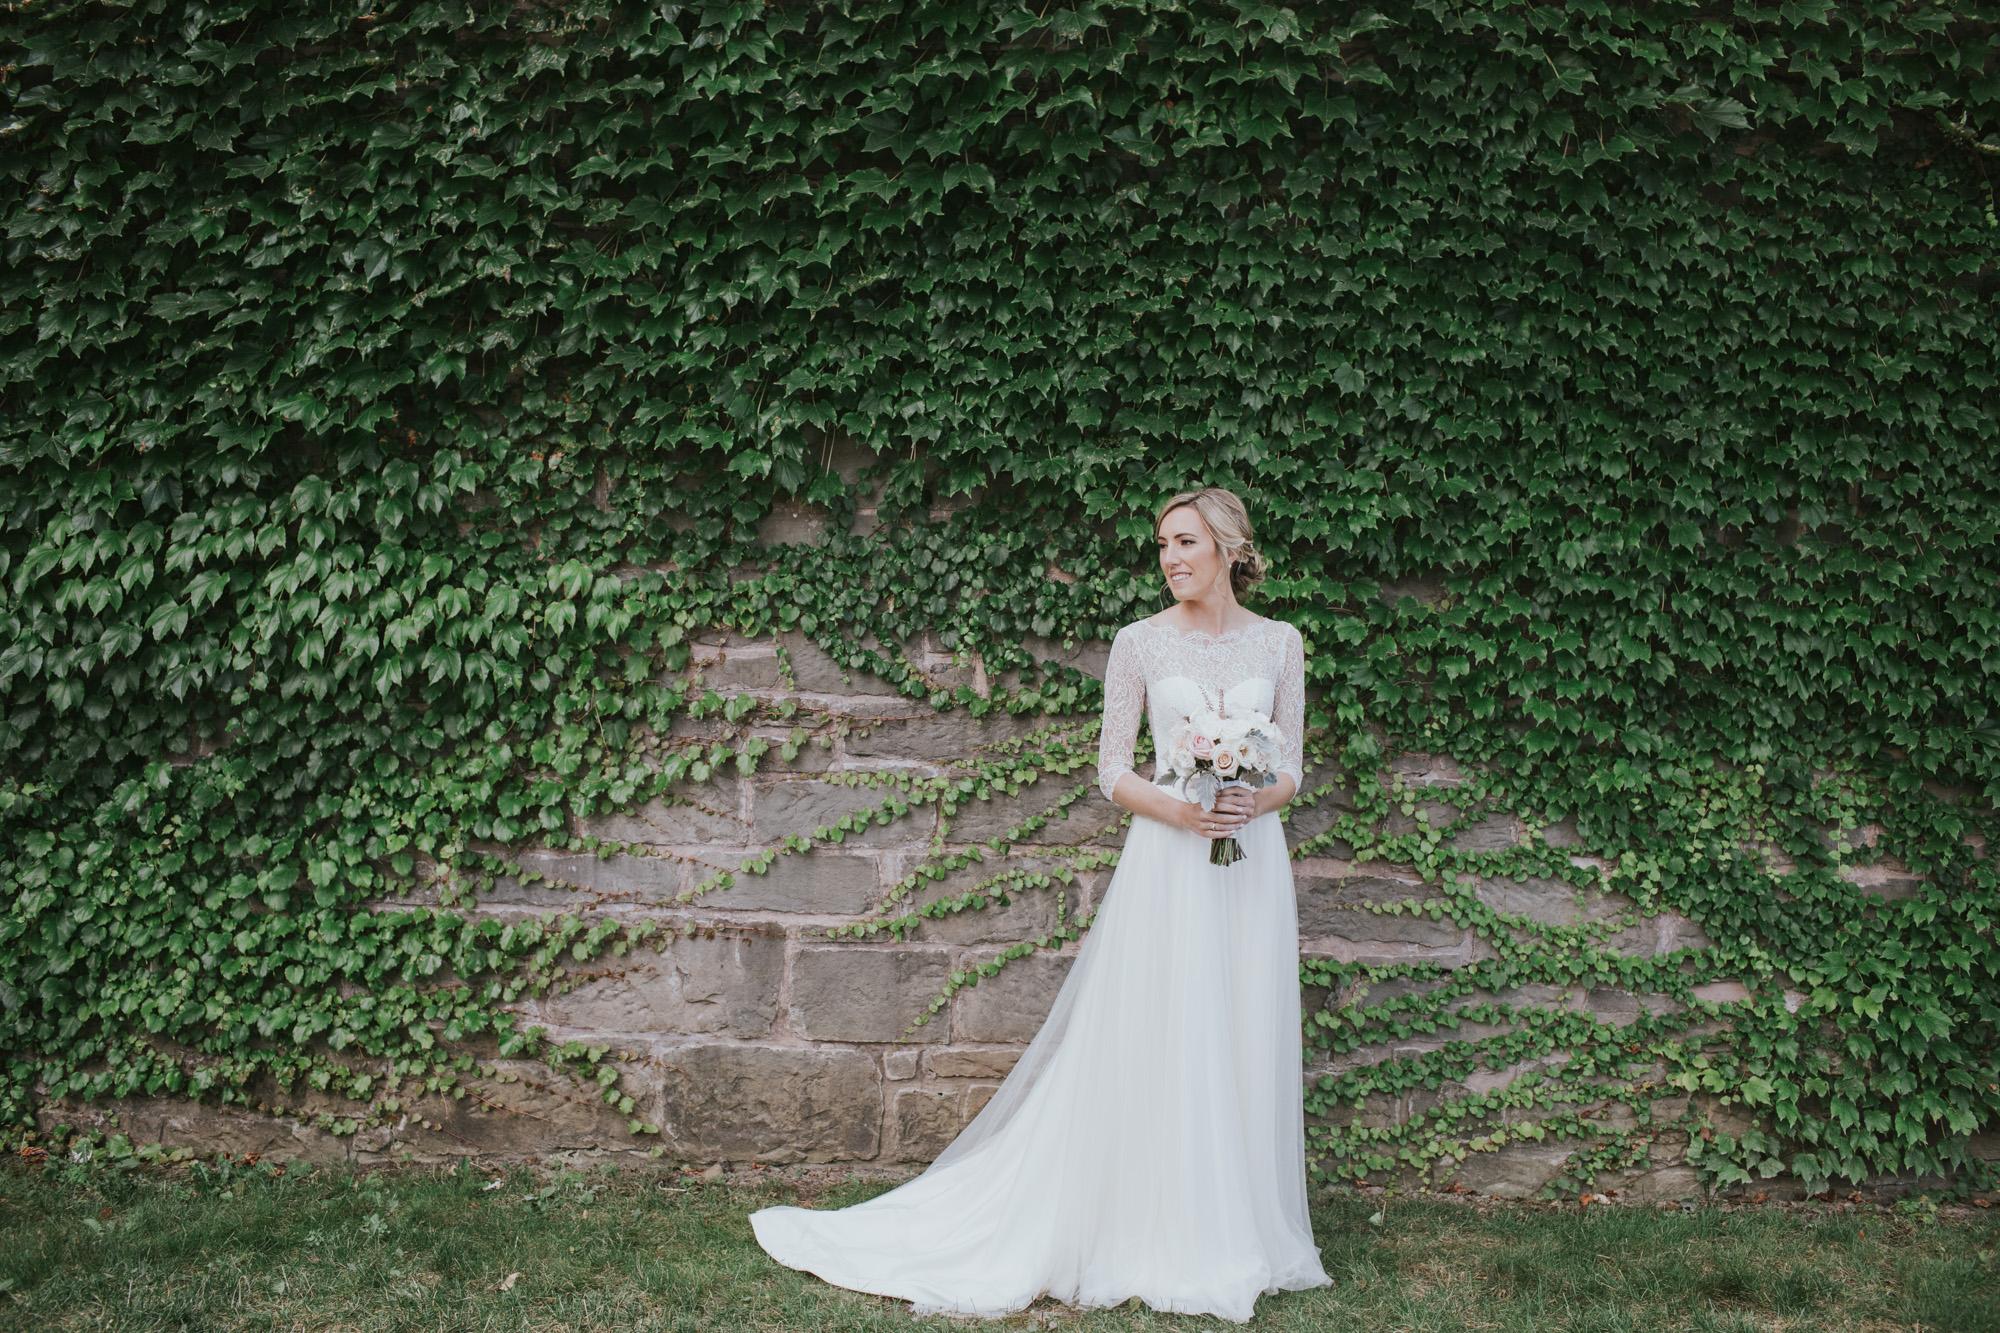 Ivy wall bridal portrait